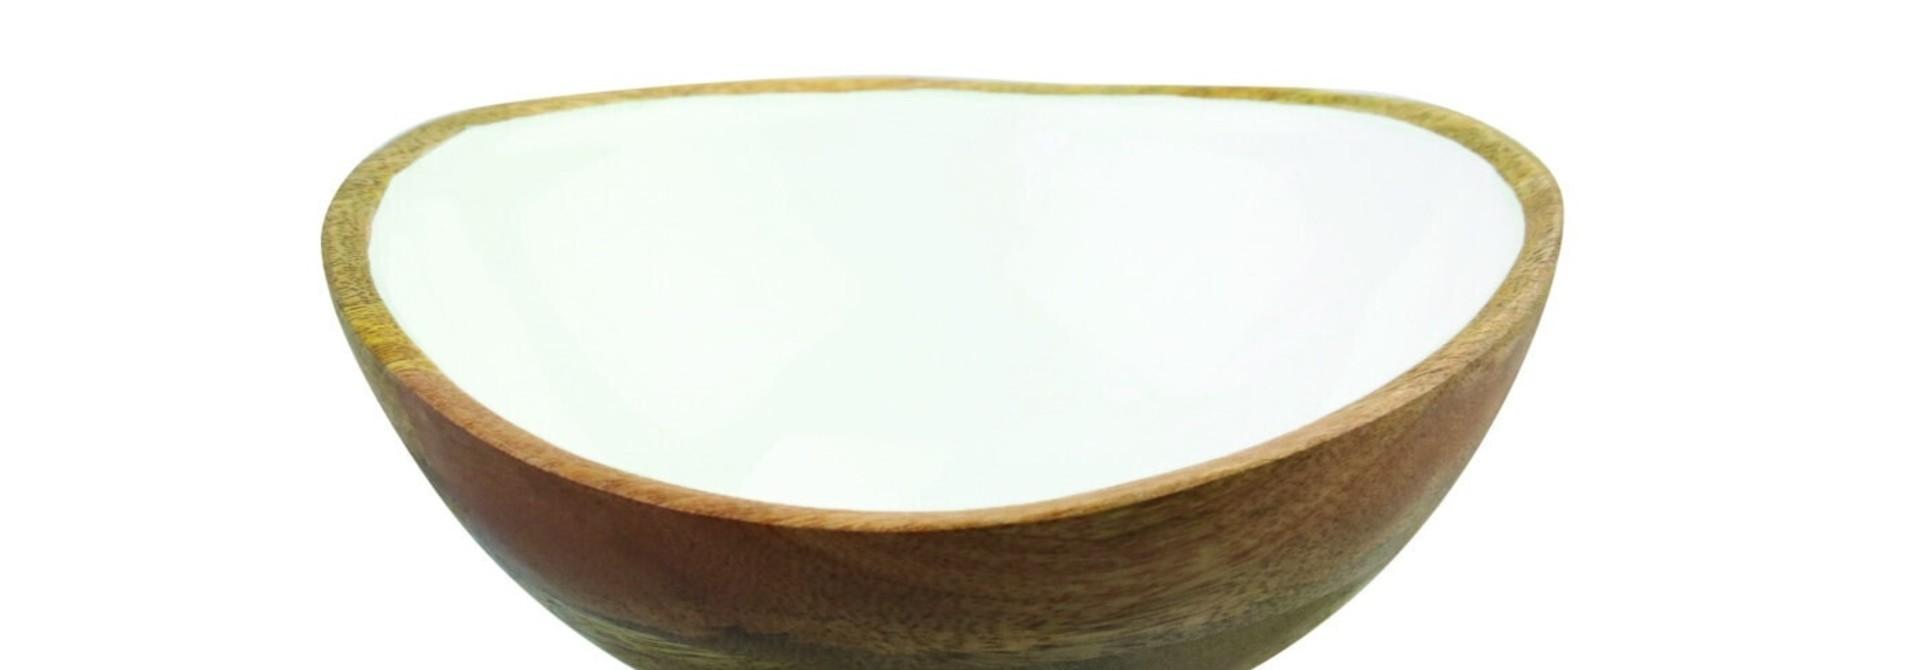 Mango Wood & White Enamel Bowl - Medium